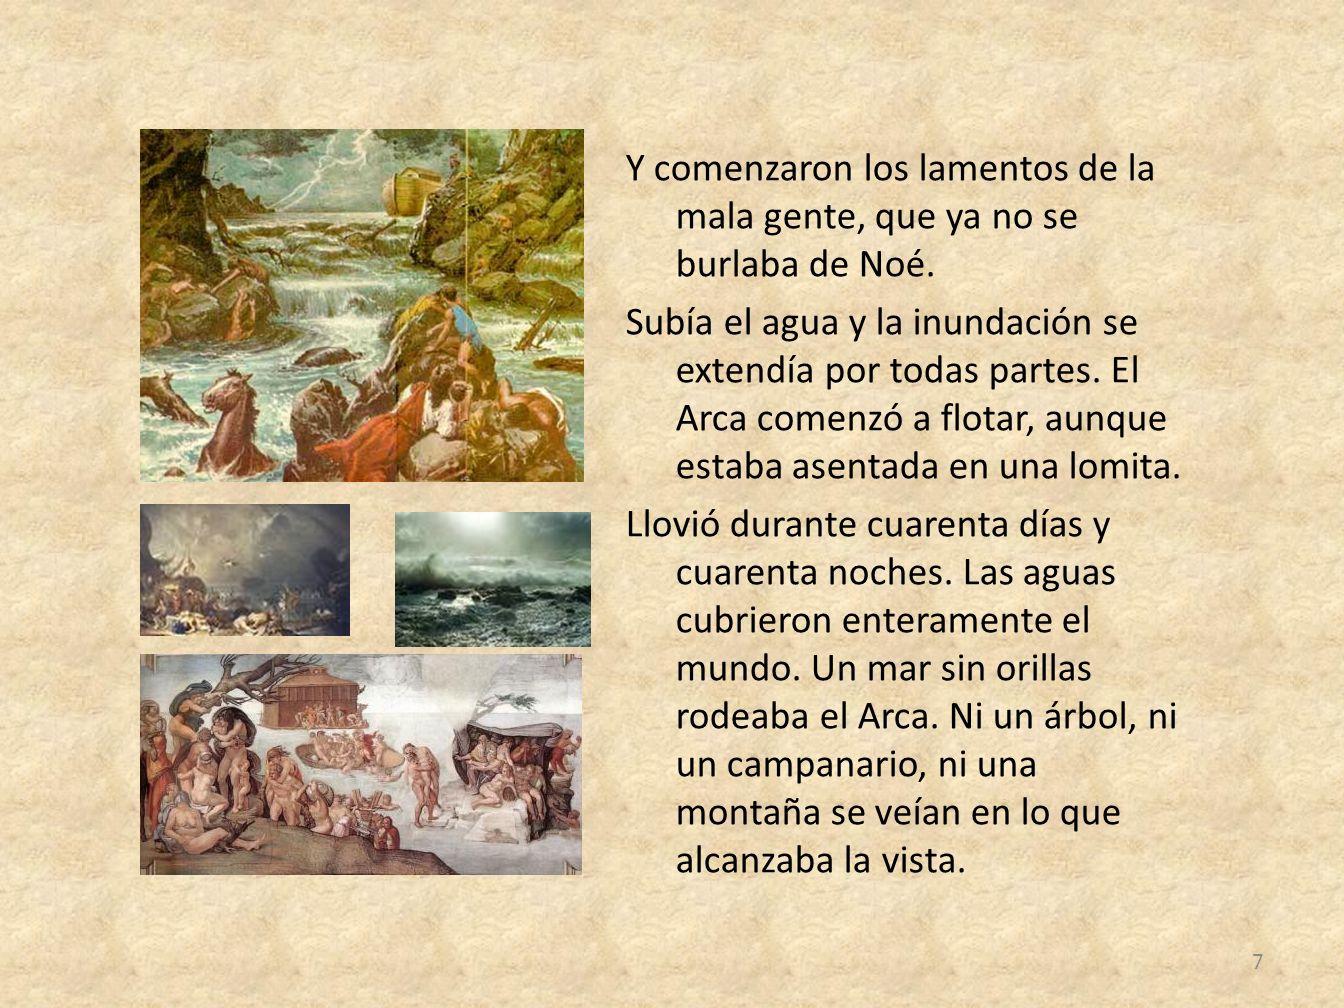 Y comenzaron los lamentos de la mala gente, que ya no se burlaba de Noé. Subía el agua y la inundación se extendía por todas partes. El Arca comenzó a